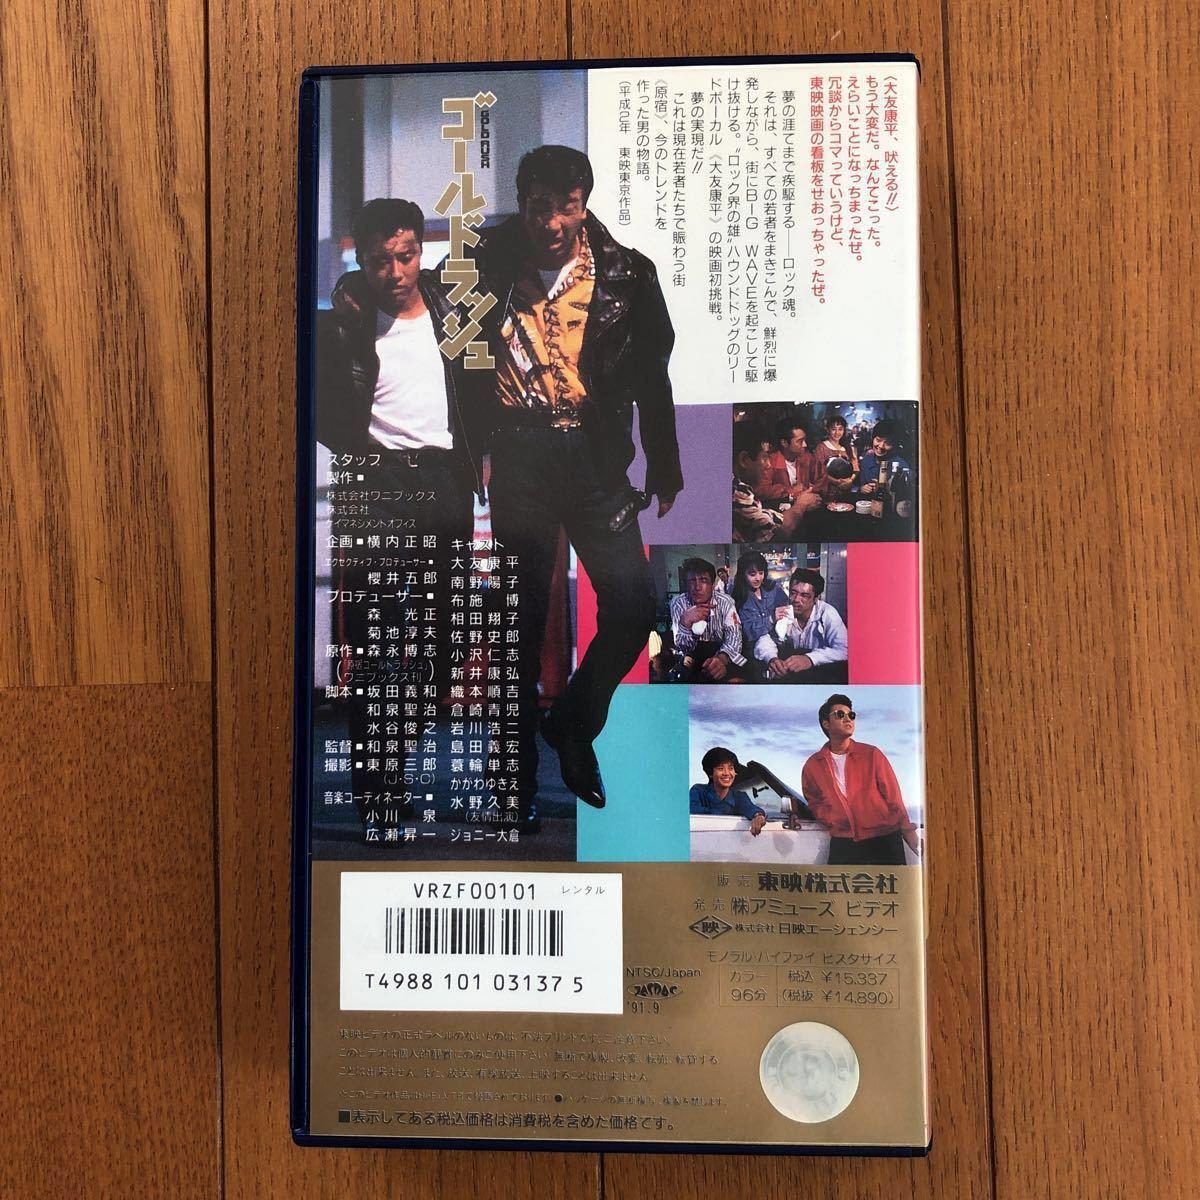 ゴールドラッシュ ビデオ VHS クリームソーダ ピンクドラゴン 大友康平 布施博 南野陽子 相田翔子_画像3